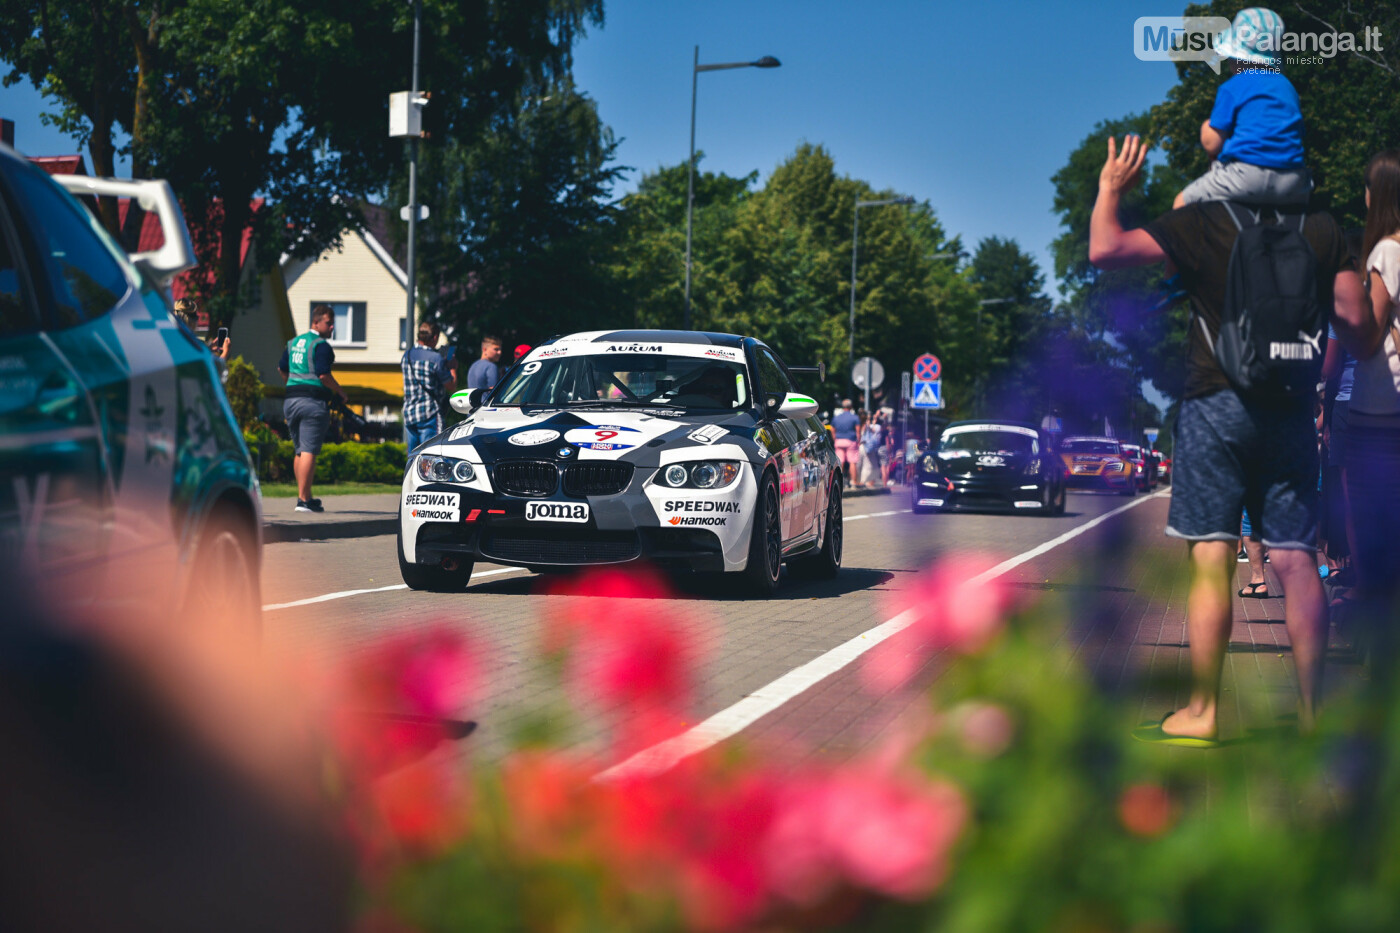 """Palanga alsuoja """"Aurum 1006 km lenktynių"""" ritmu, nuotrauka-40, Vytauto PILKAUSKO ir Arno STRUMILOS nuotr."""